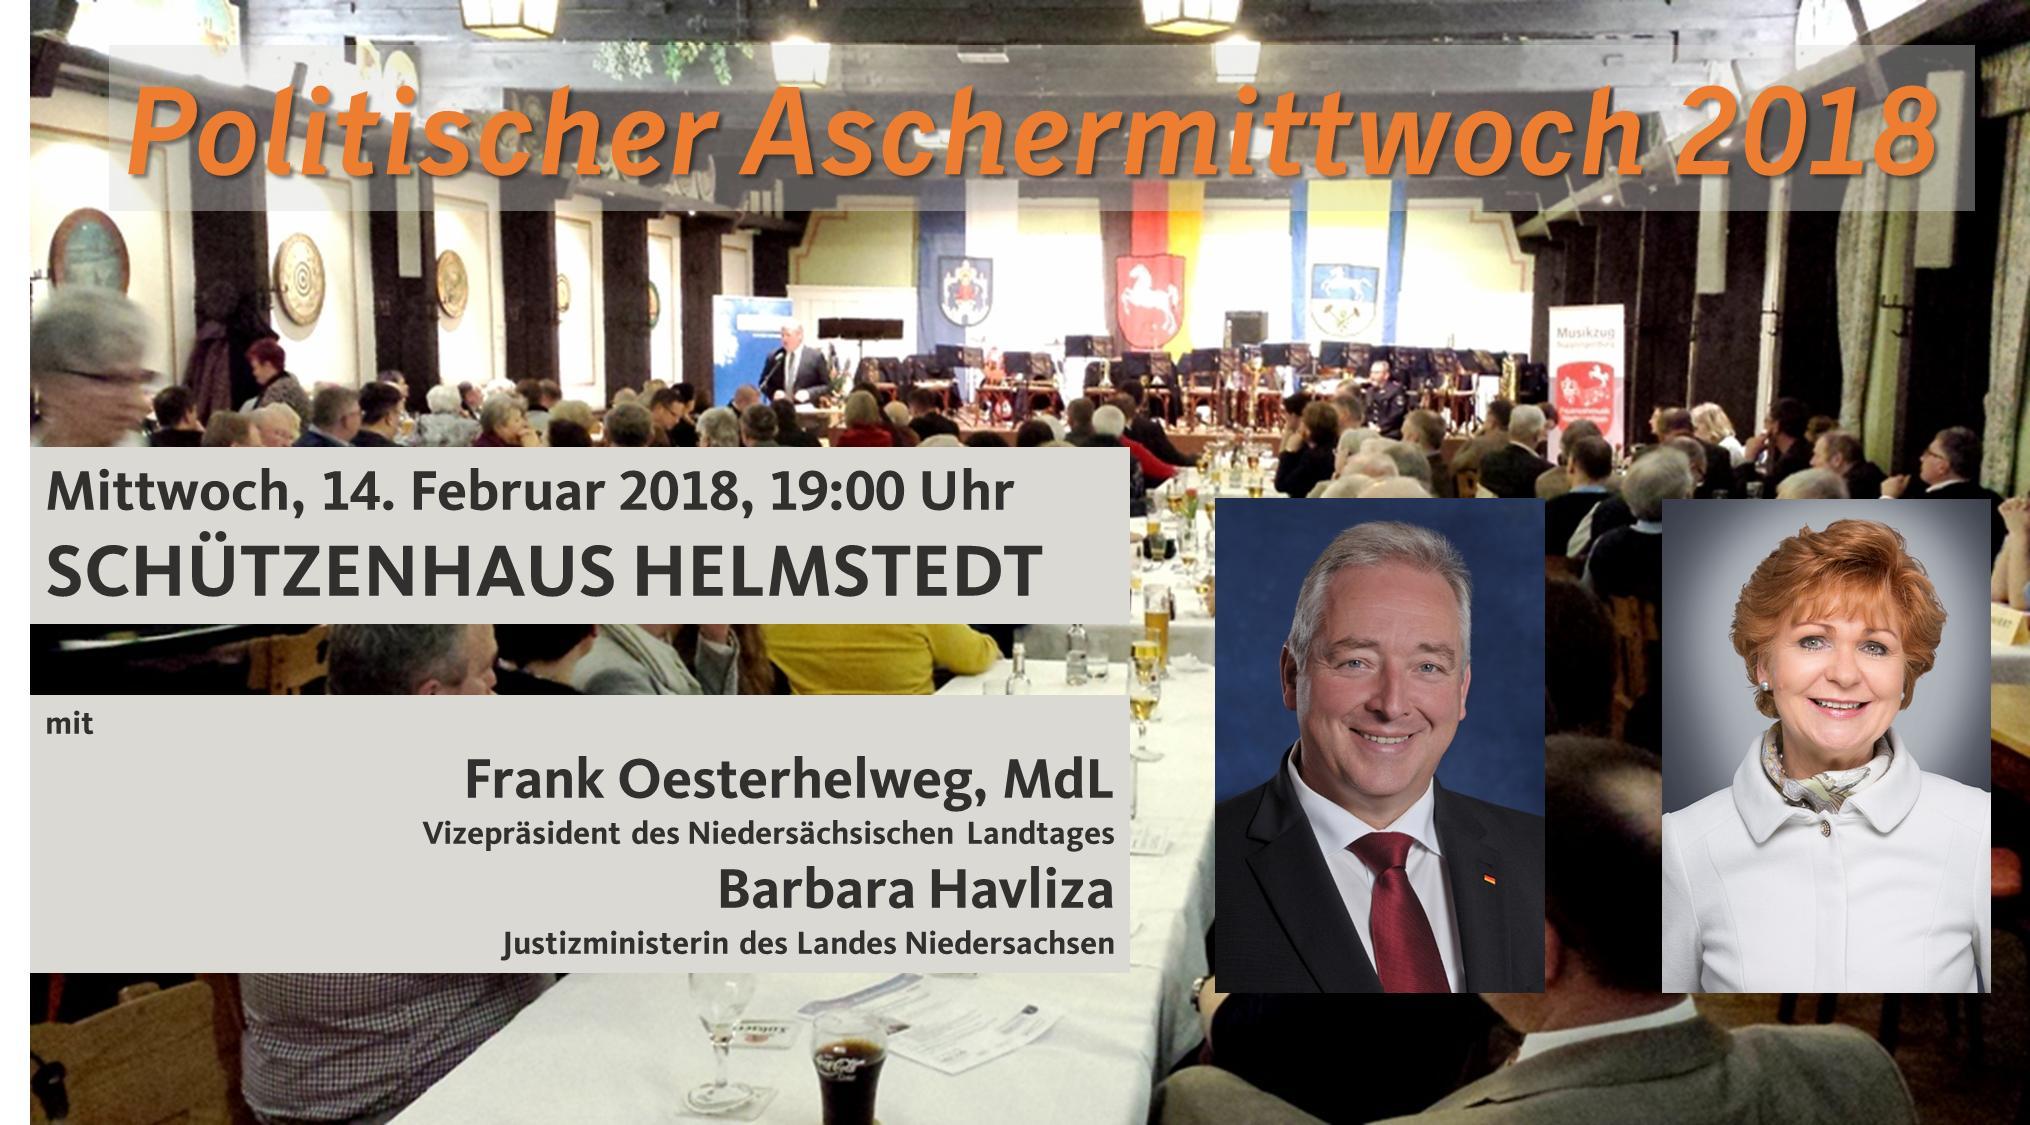 Tradition im Landkreis Helmstedt - der Politische Aschermittwoch im Schützenhaus